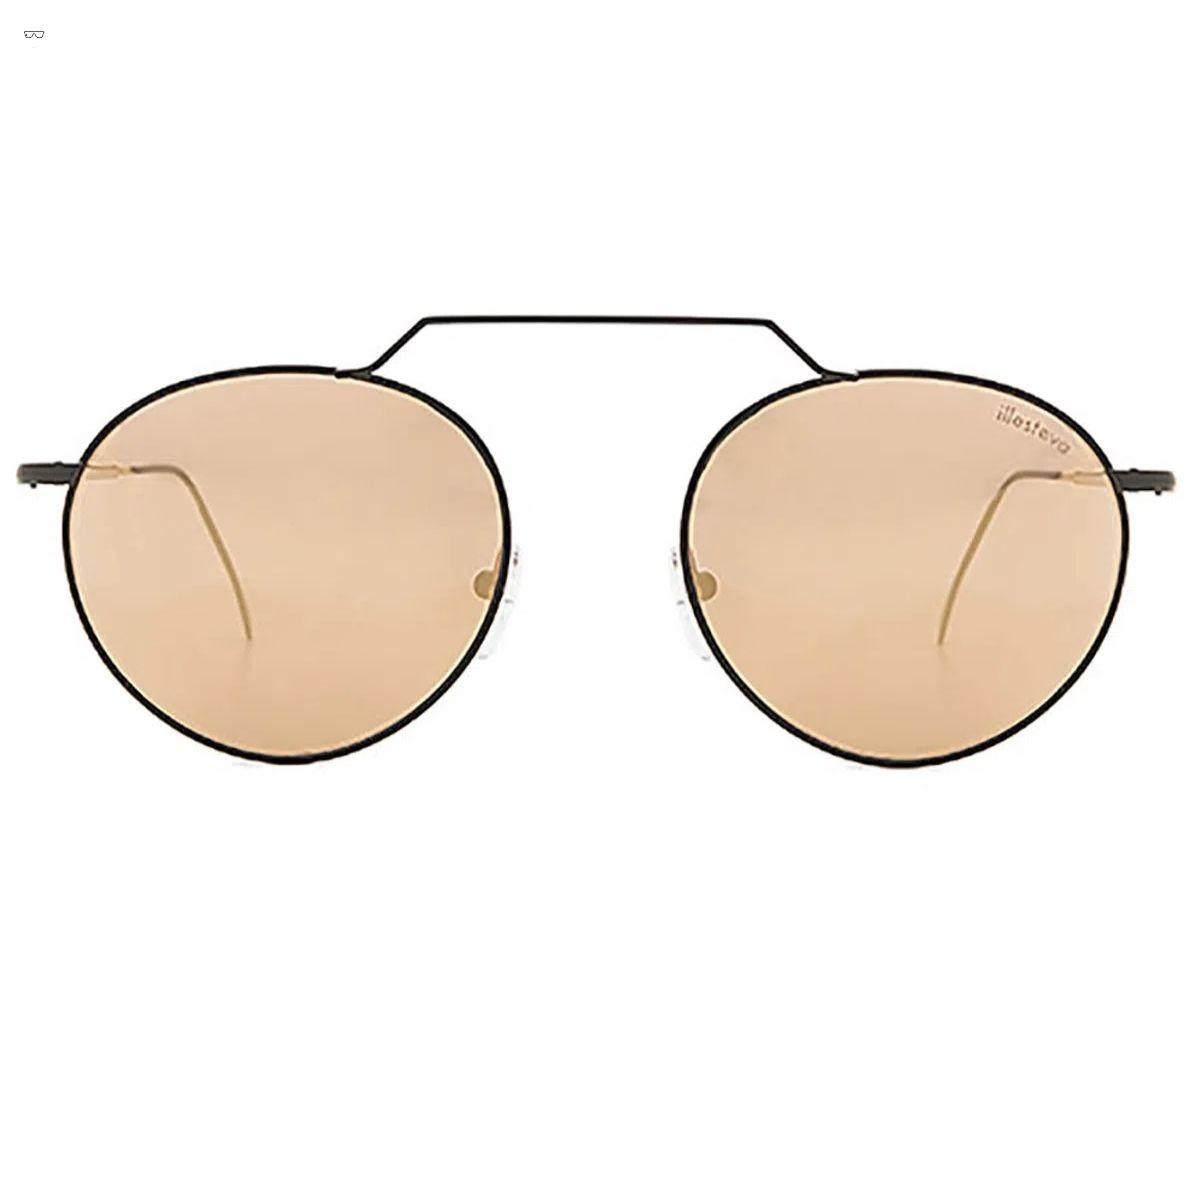 Óculos de Sol Illesteva Winwood Espelhado Rosê